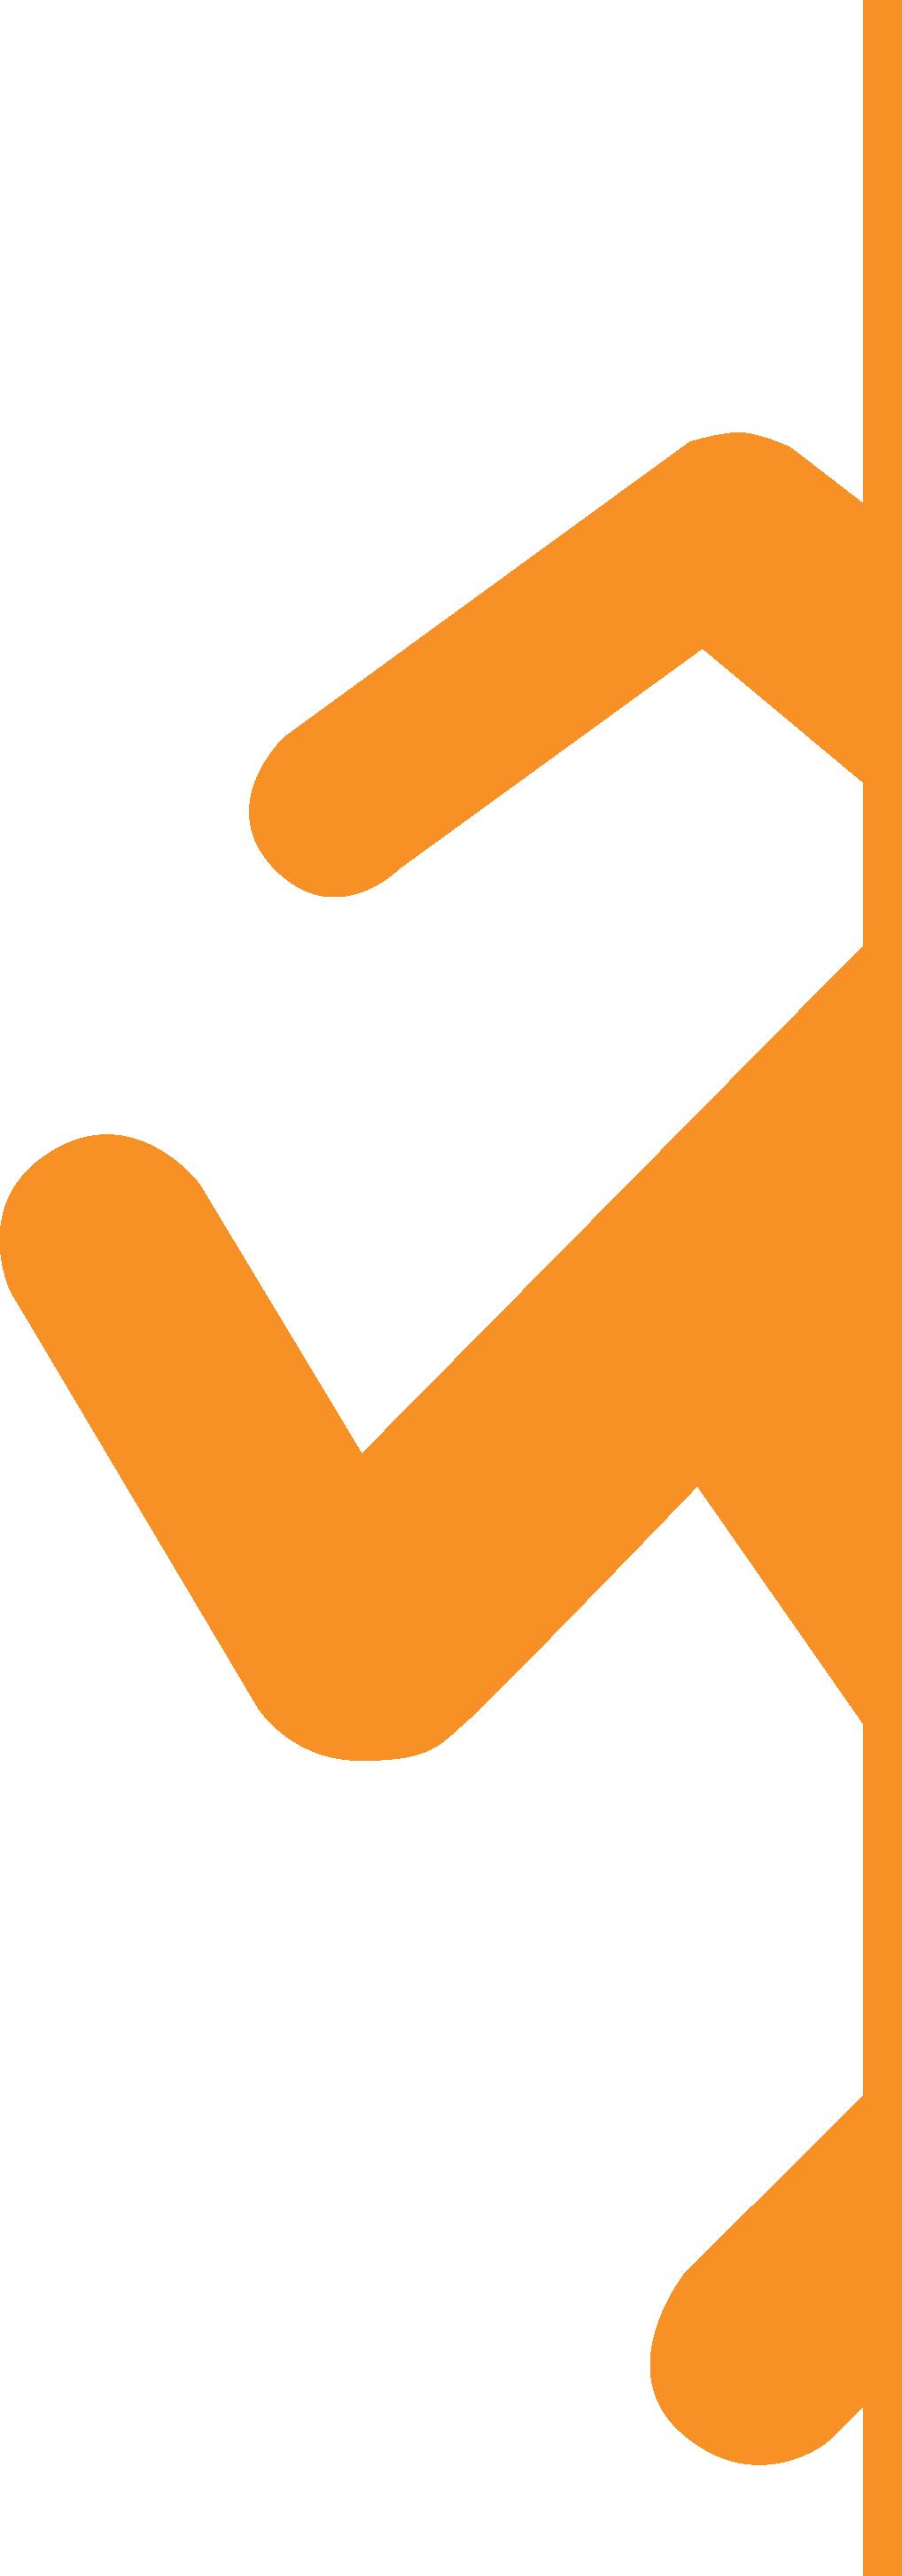 Portal 2 - Logo Runner - Orange